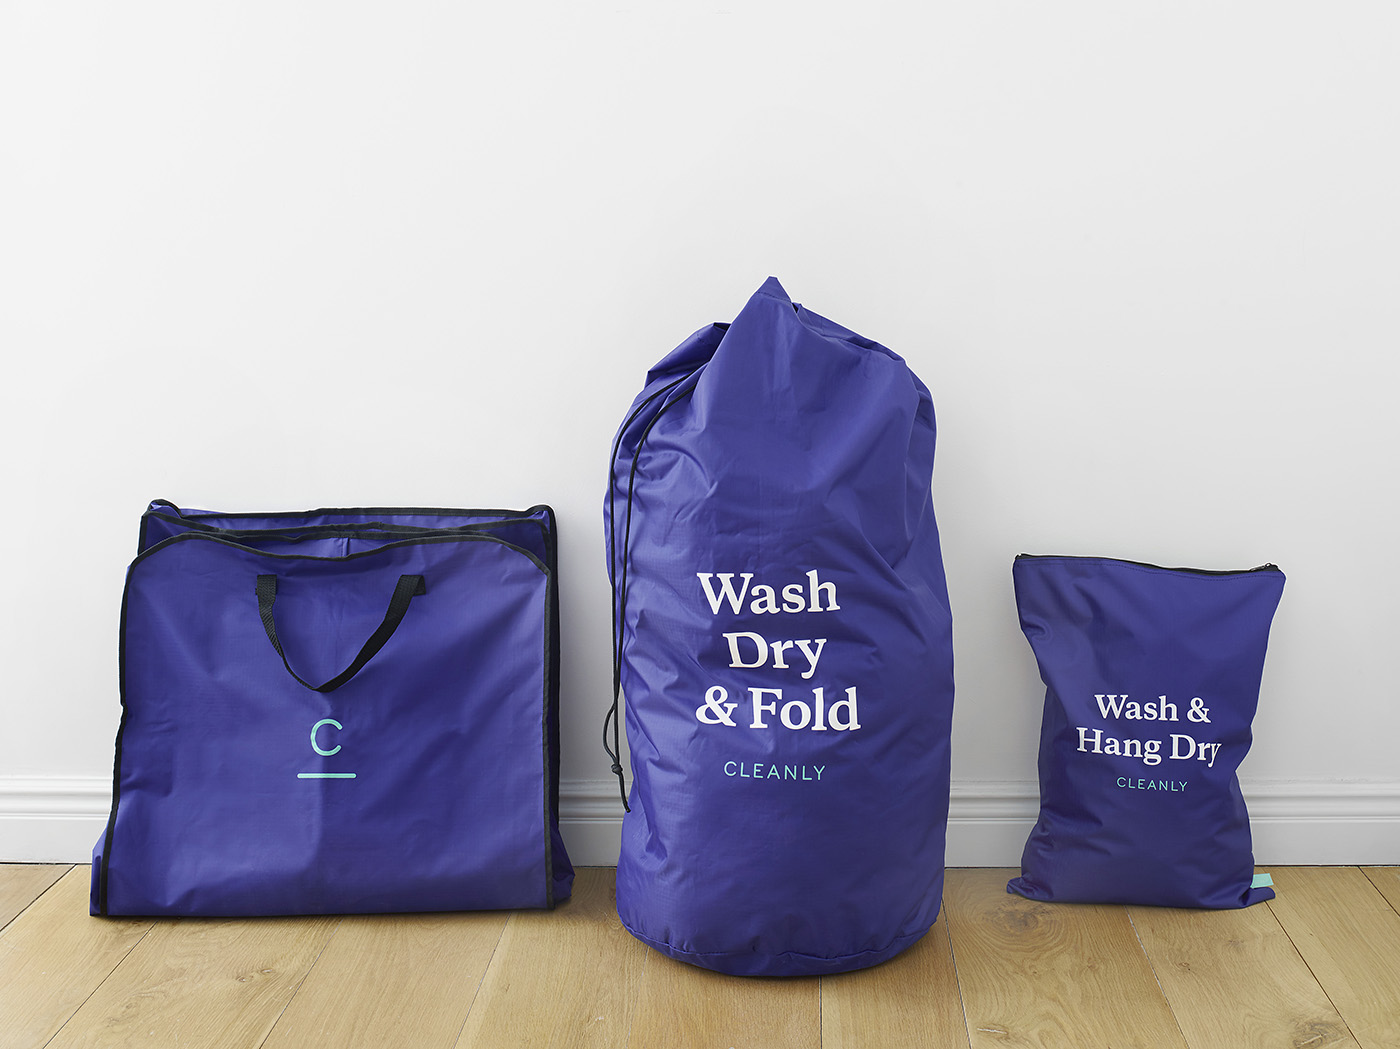 Dry Cleaning Garmnet Bags Entrepreneur